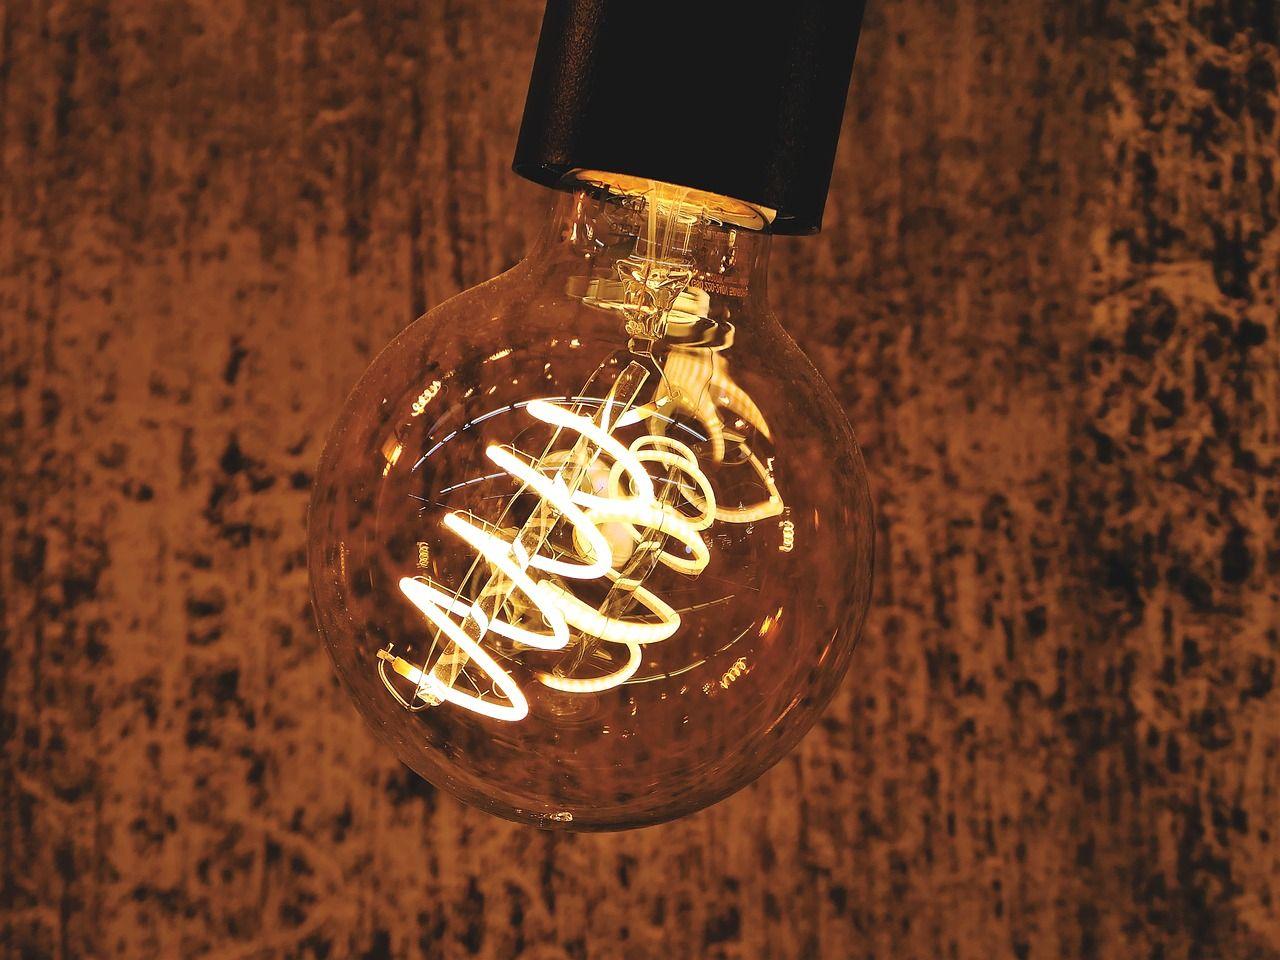 Żarówki dekoracyjne – jak mogą się przełożyć w aranżacji wnętrz?